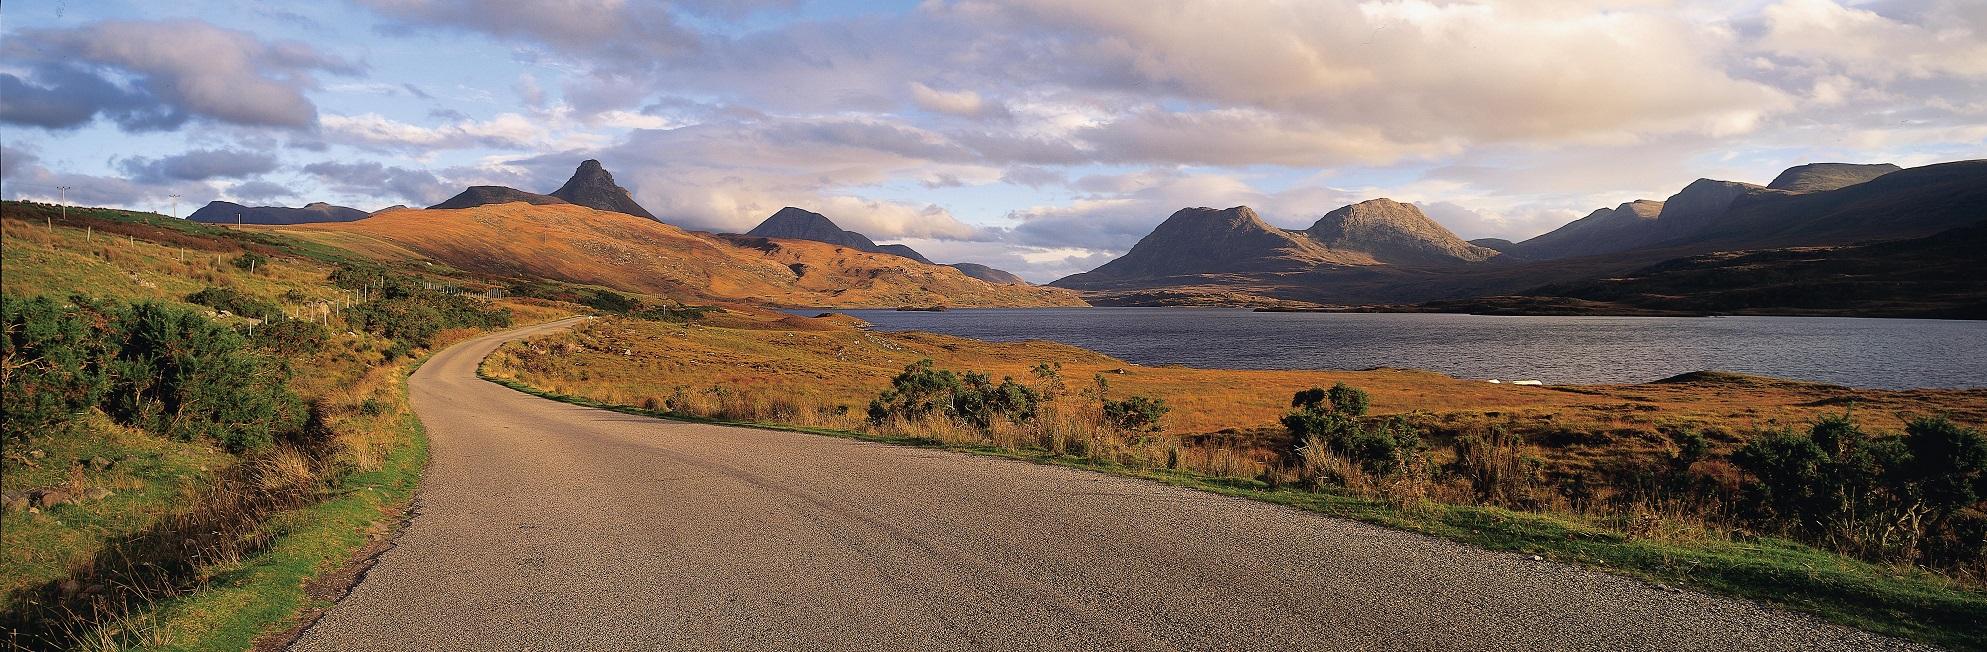 Een vakantie in Schotland staat garant voor veel mooie vakantiefoto's